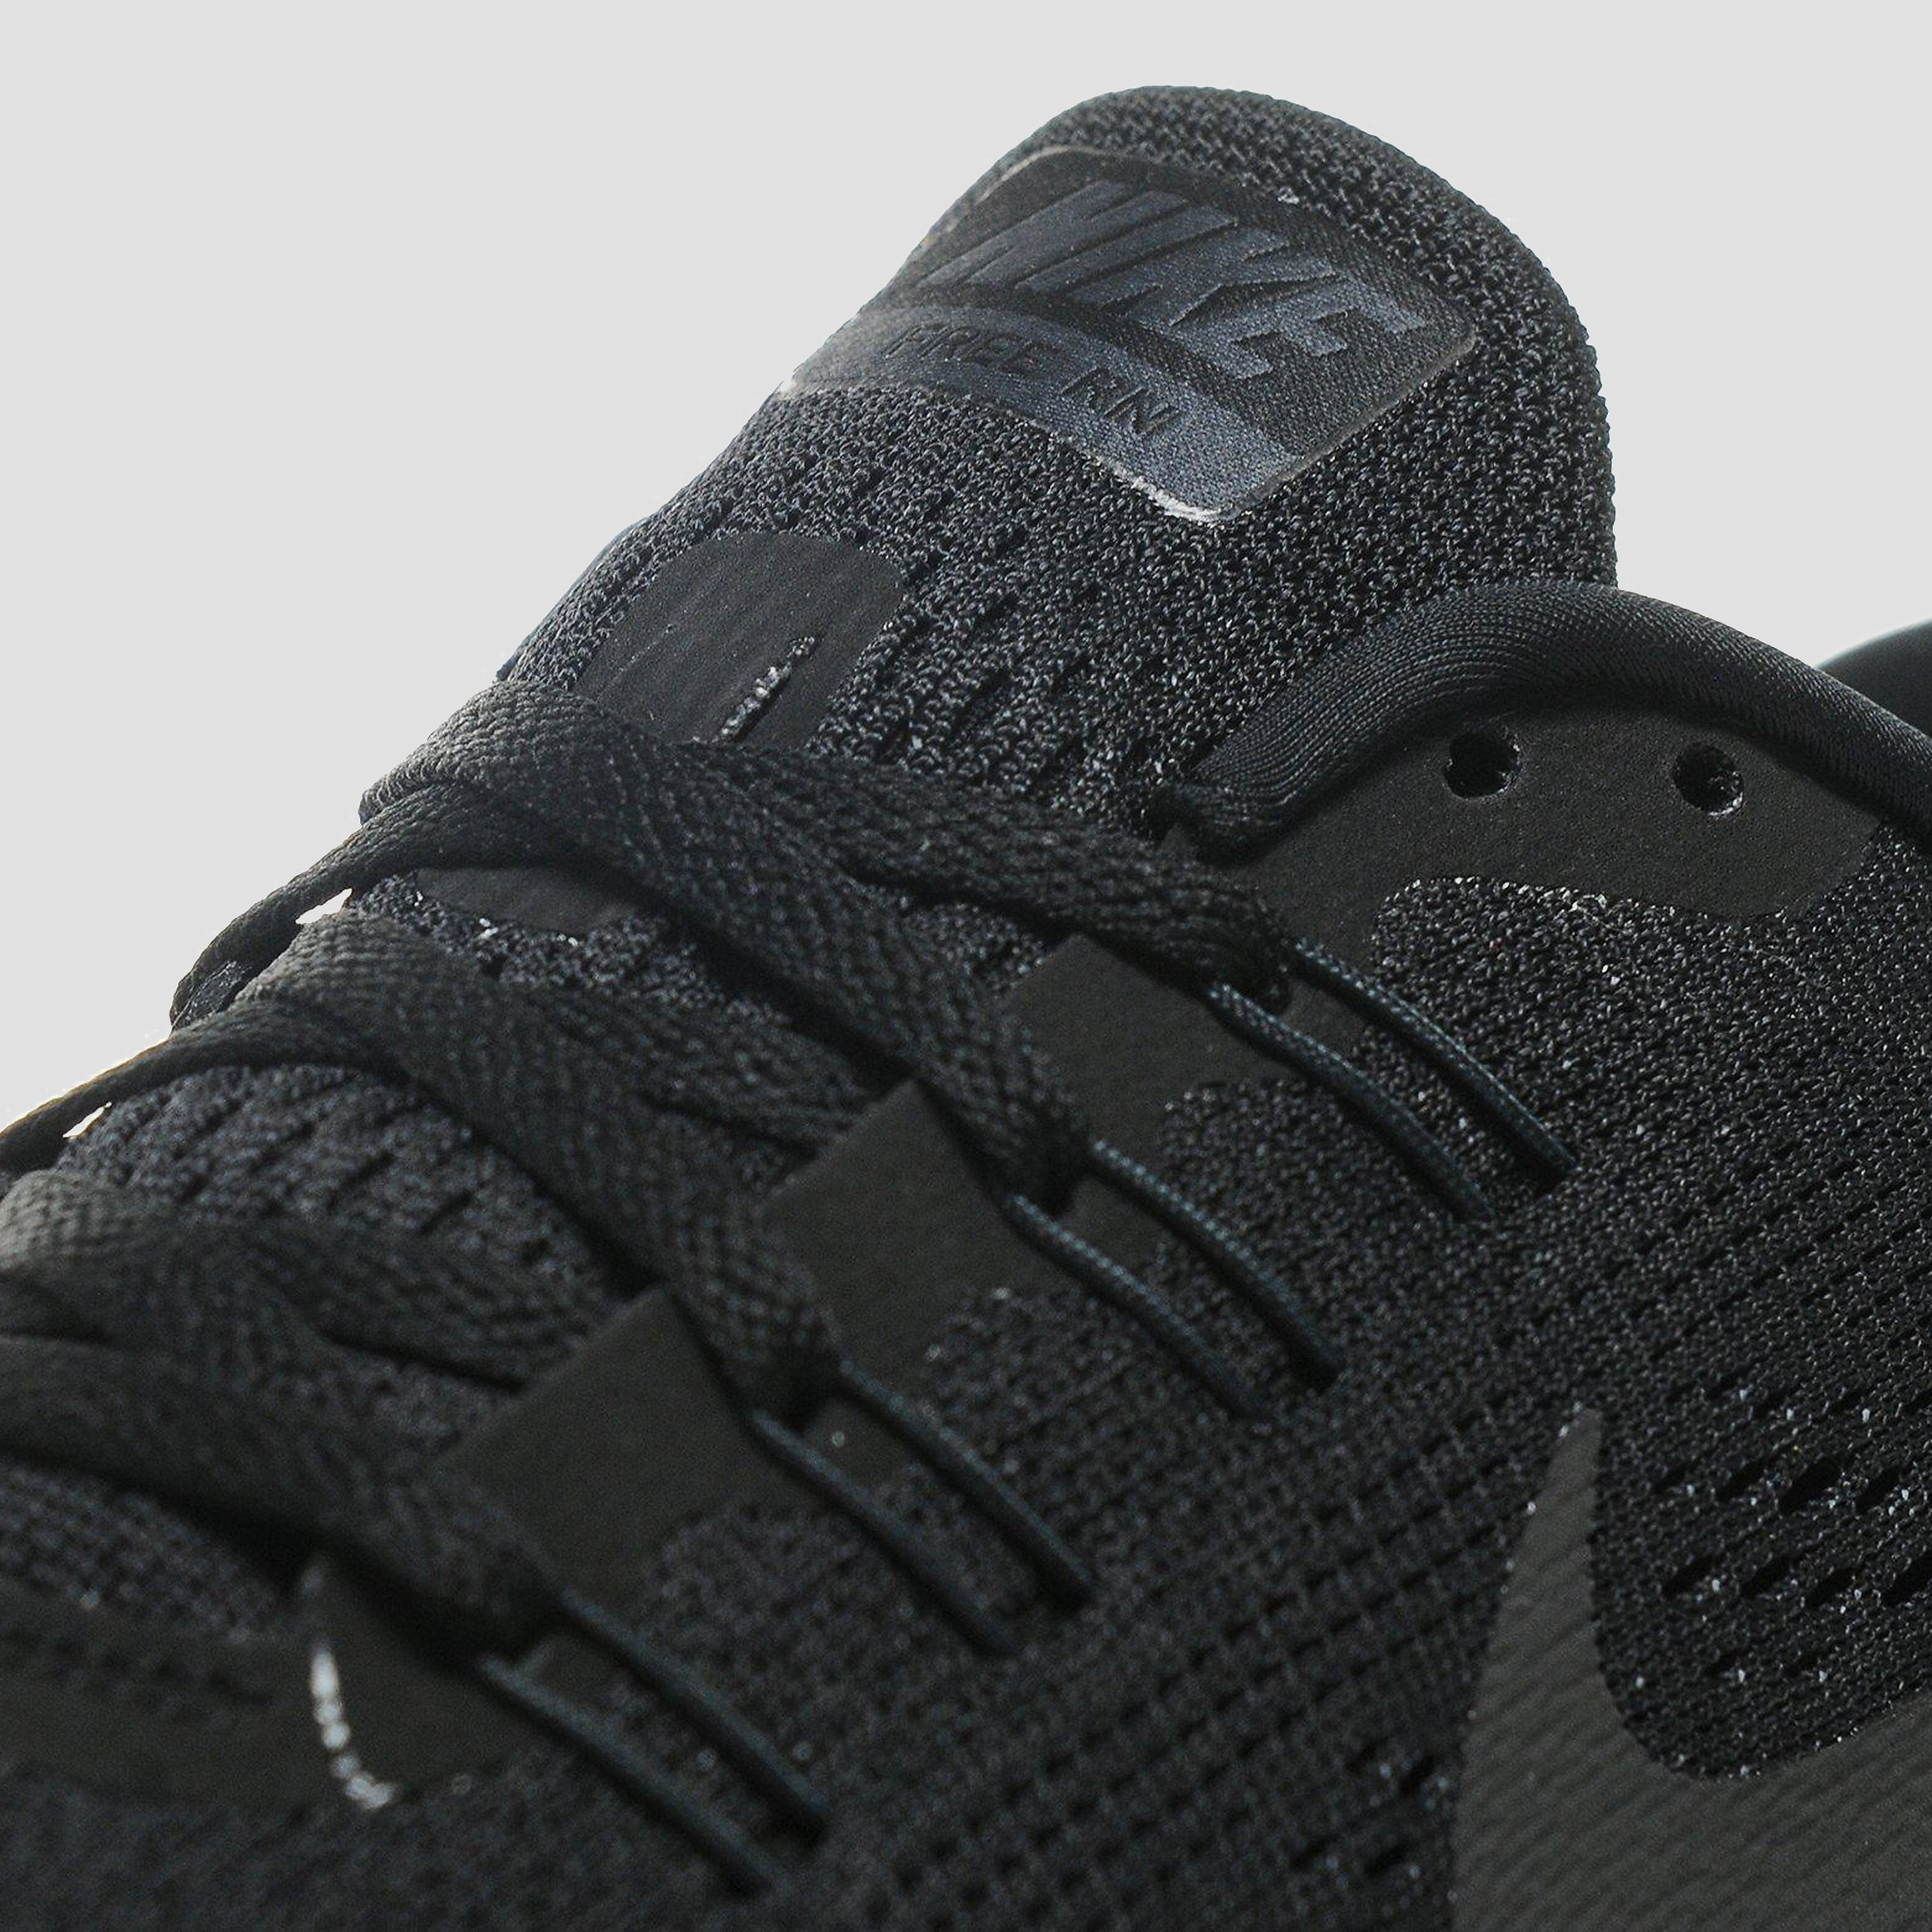 Nike Free RN Men's Running Shoes